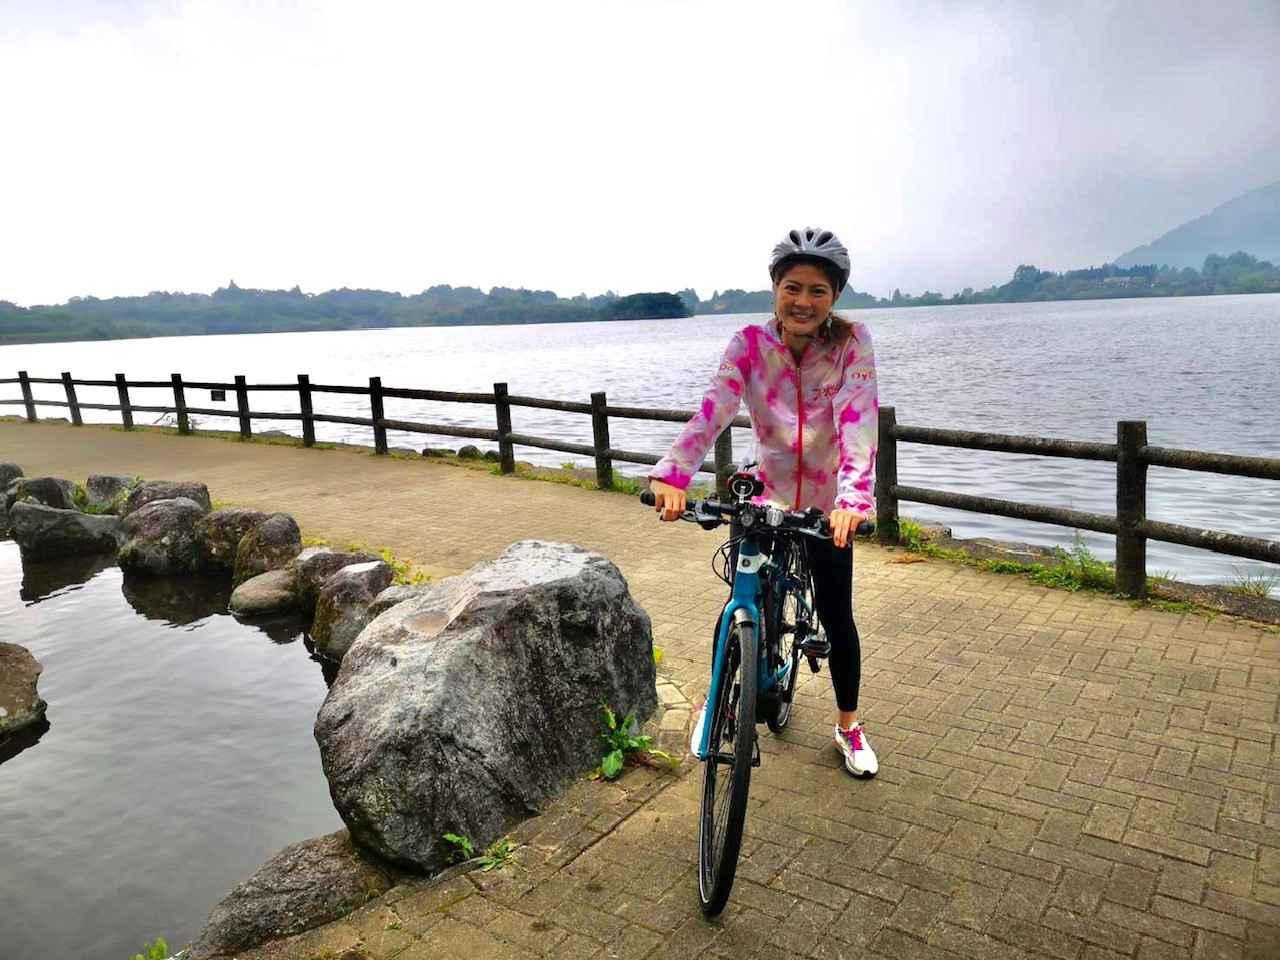 画像: 田貫湖ではEーBIKEにも挑戦! レンタルできますよ 少しペダルを漕いだら 時速30キロに! スイスイ快適でした☆